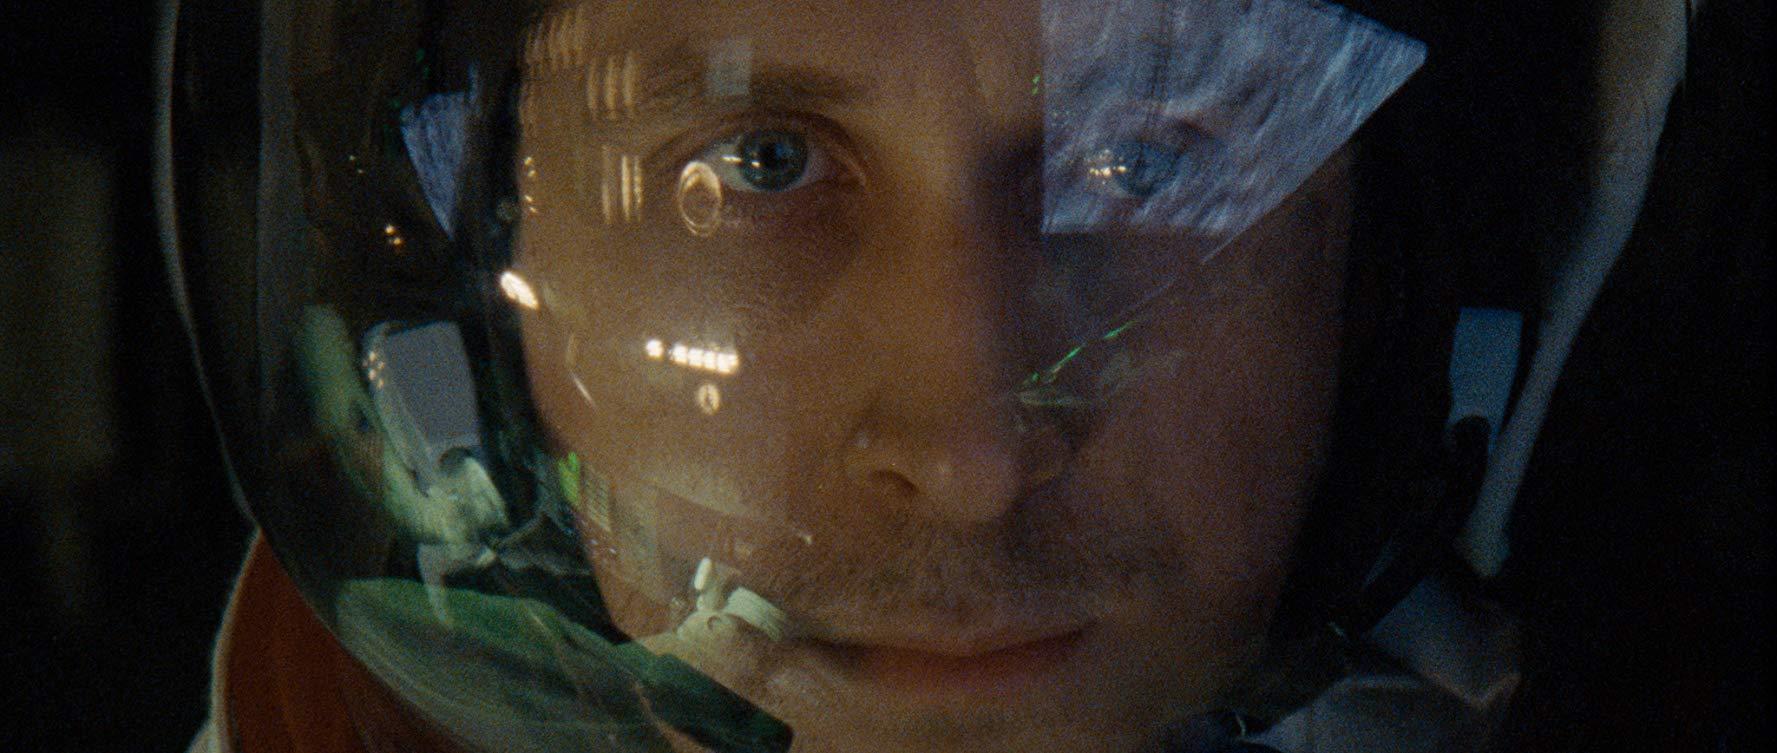 <em>First Man</em>: Traversing Space and Sound